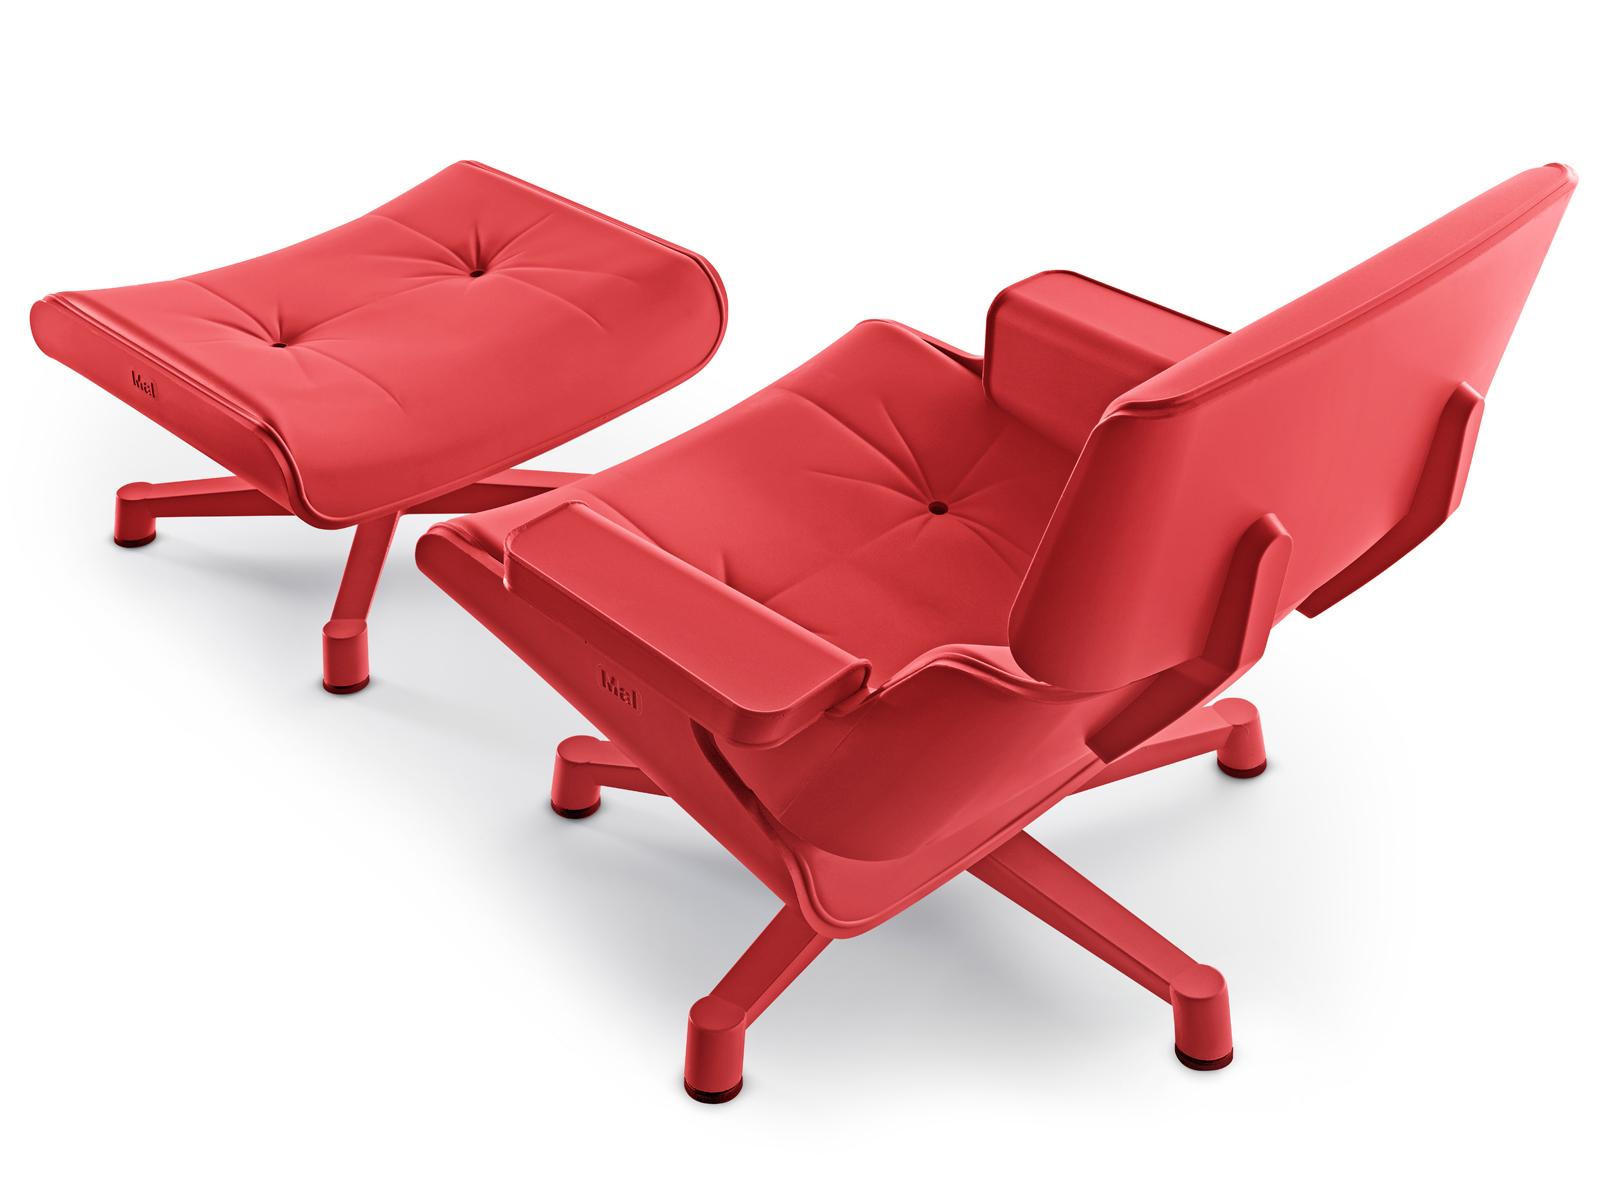 Designwereld: design tuinmeubels: eames lounge chair voor in de tuin!